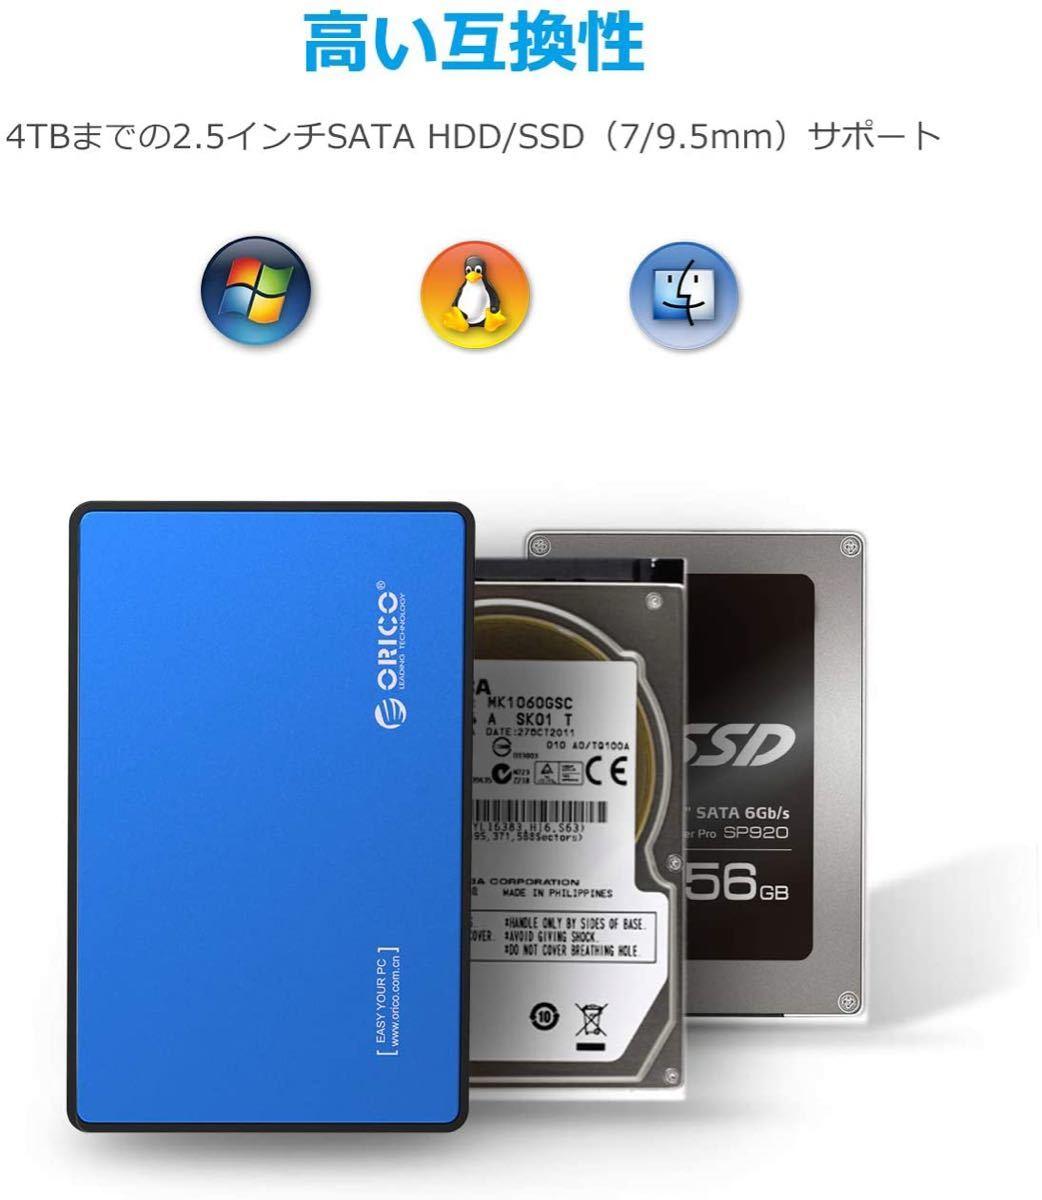 東芝 ポータブル ハイブリッド HDD SSHD 1TB 外付け 新品 ケース